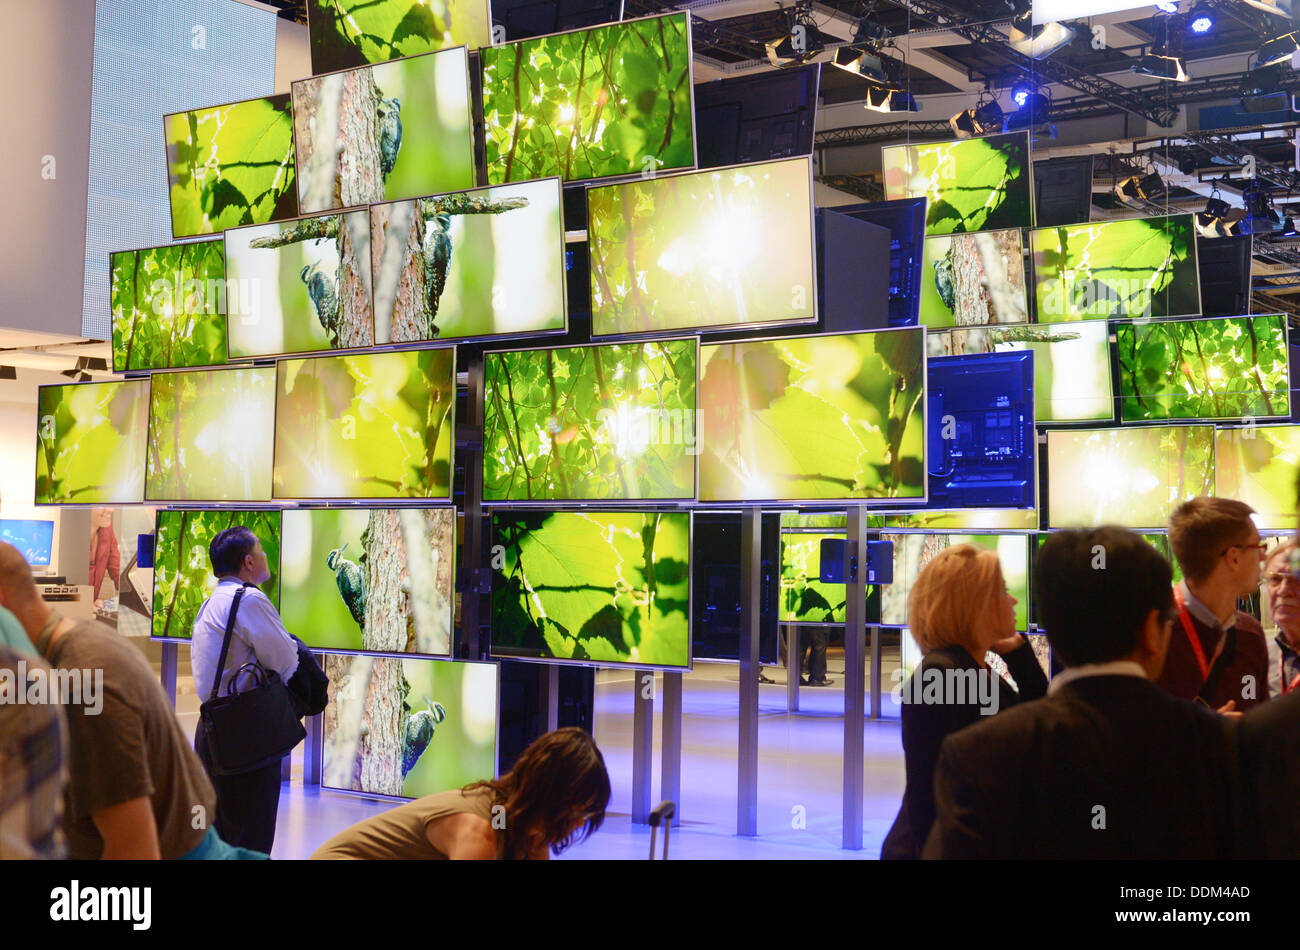 Berlino, Germania. 4 Sep, 2013. I visitatori a stare di fronte ad una parete di 4K televisori presso la fiera di stand di produttore di elettronica Panasonic durante la giornata dei media presso il segnale radio internazionale di esposizione (IFA) di Berlino, Germania, 4 settembre 2013. La tecnologia 4K per i televisori è considerato un successore del comune formato HD. L'IFA si terrà dal 6 Settembre al 11 settembre 2013. Foto: Rainer Jensen/dpa/Alamy Live News Immagini Stock